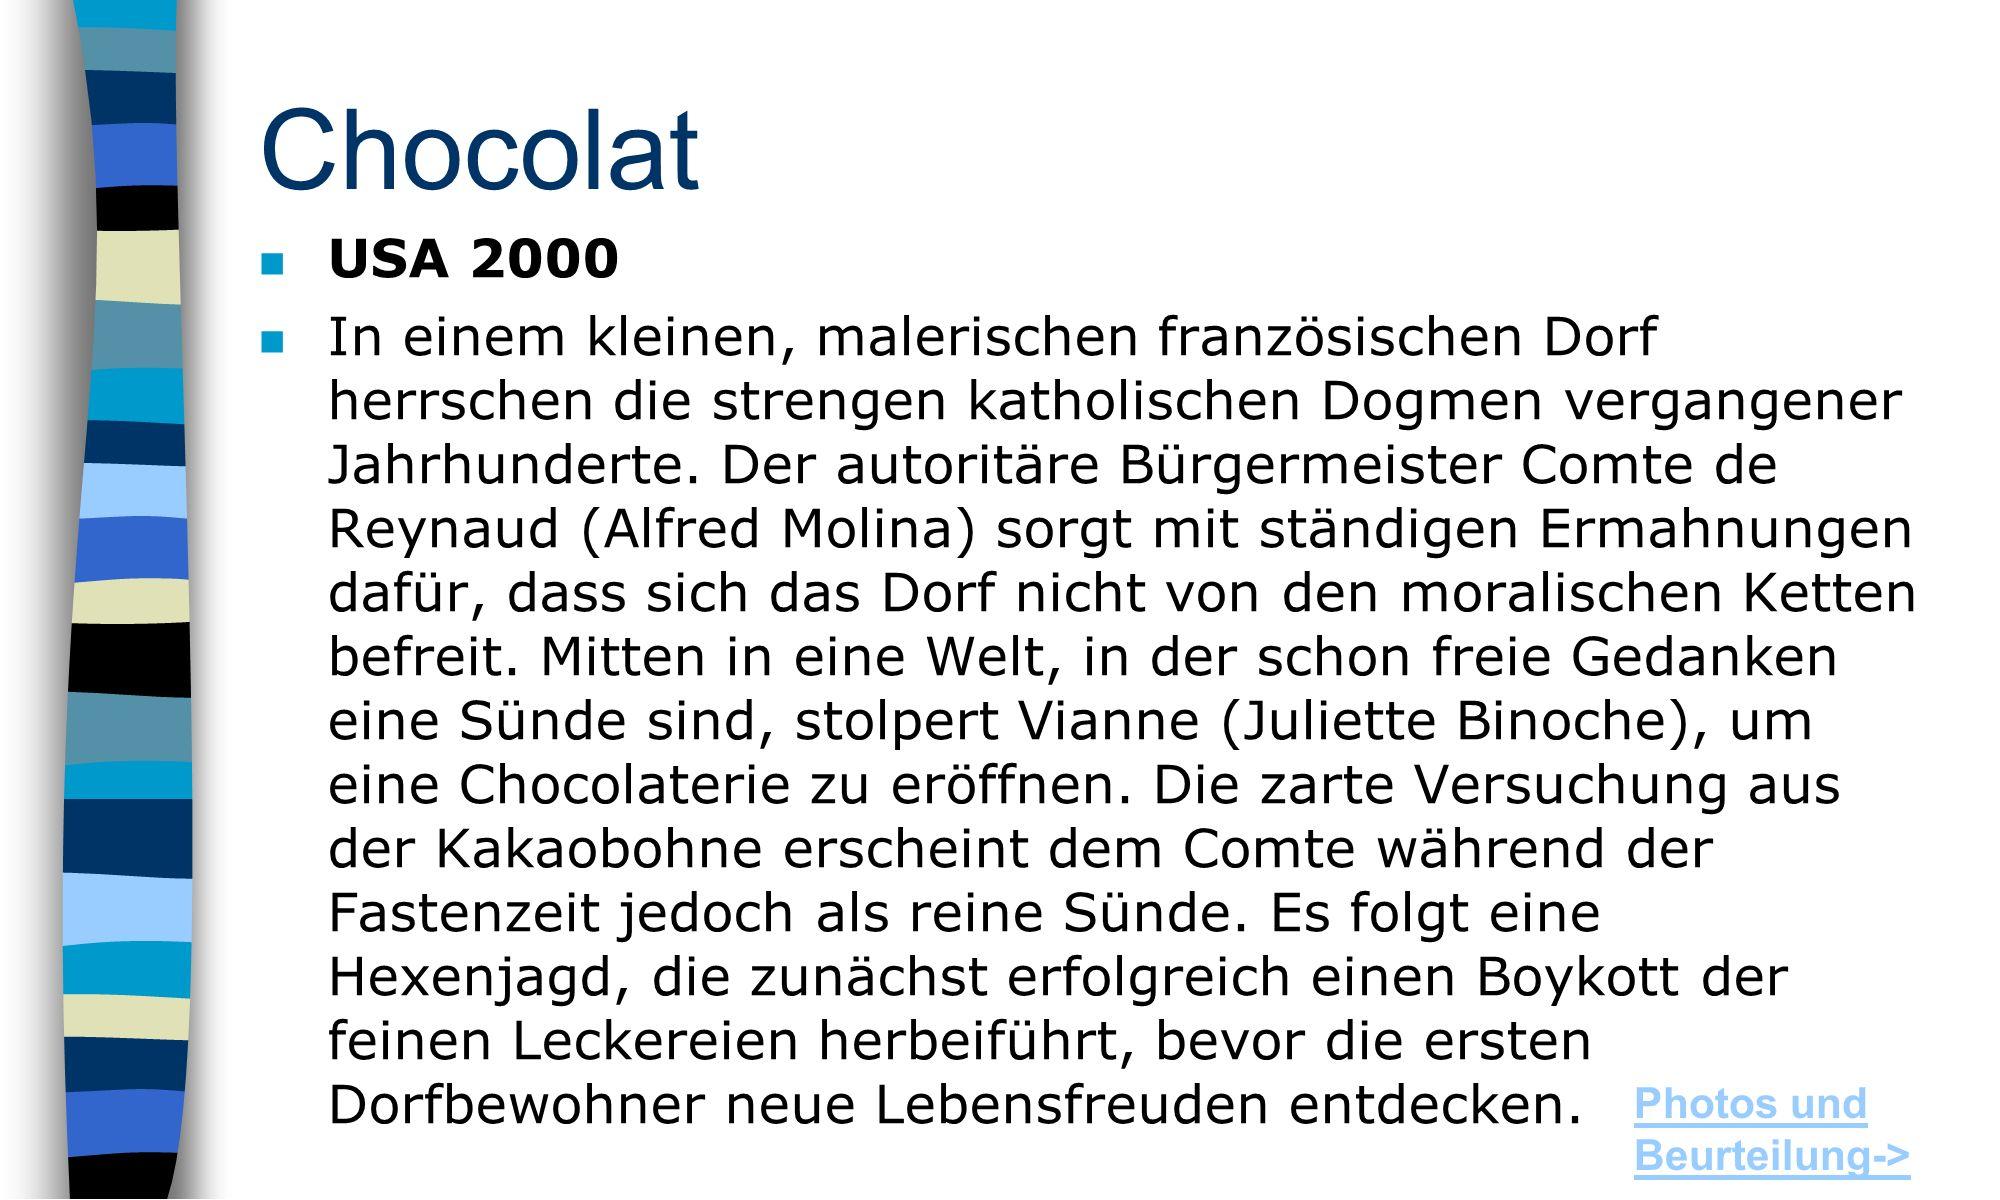 Chocolat USA 2000 n In einem kleinen, malerischen französischen Dorf herrschen die strengen katholischen Dogmen vergangener Jahrhunderte.